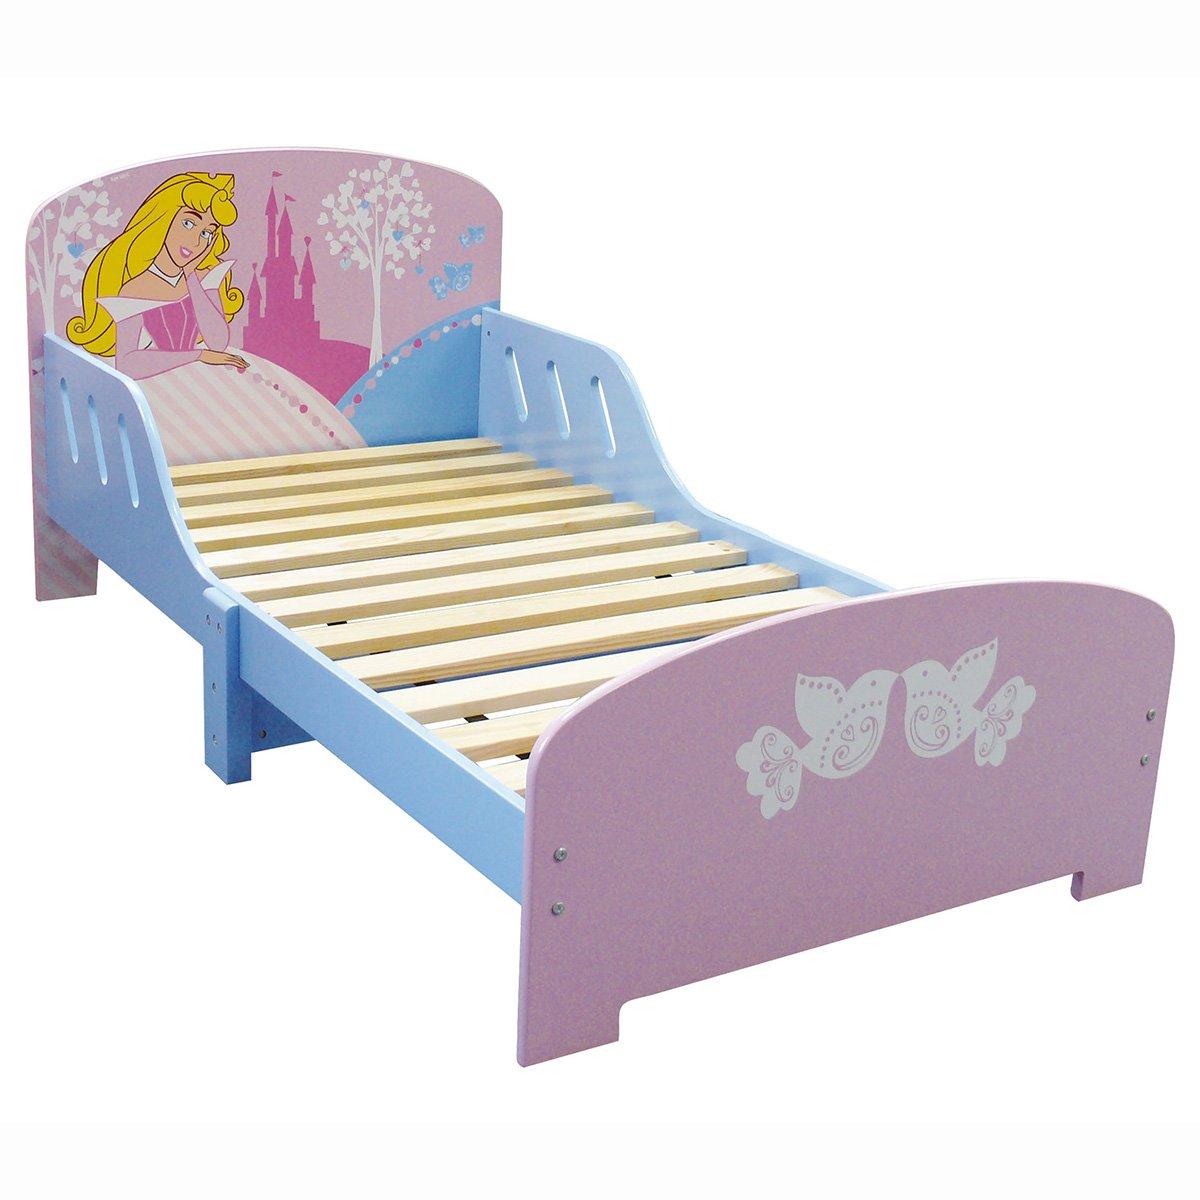 FUN HOUSE 712240 Disney Princesses letto per bambina, con doghe in legno MDF, colore: rosa, 144 x 59 x 77 cm CIJEP - JEMINI